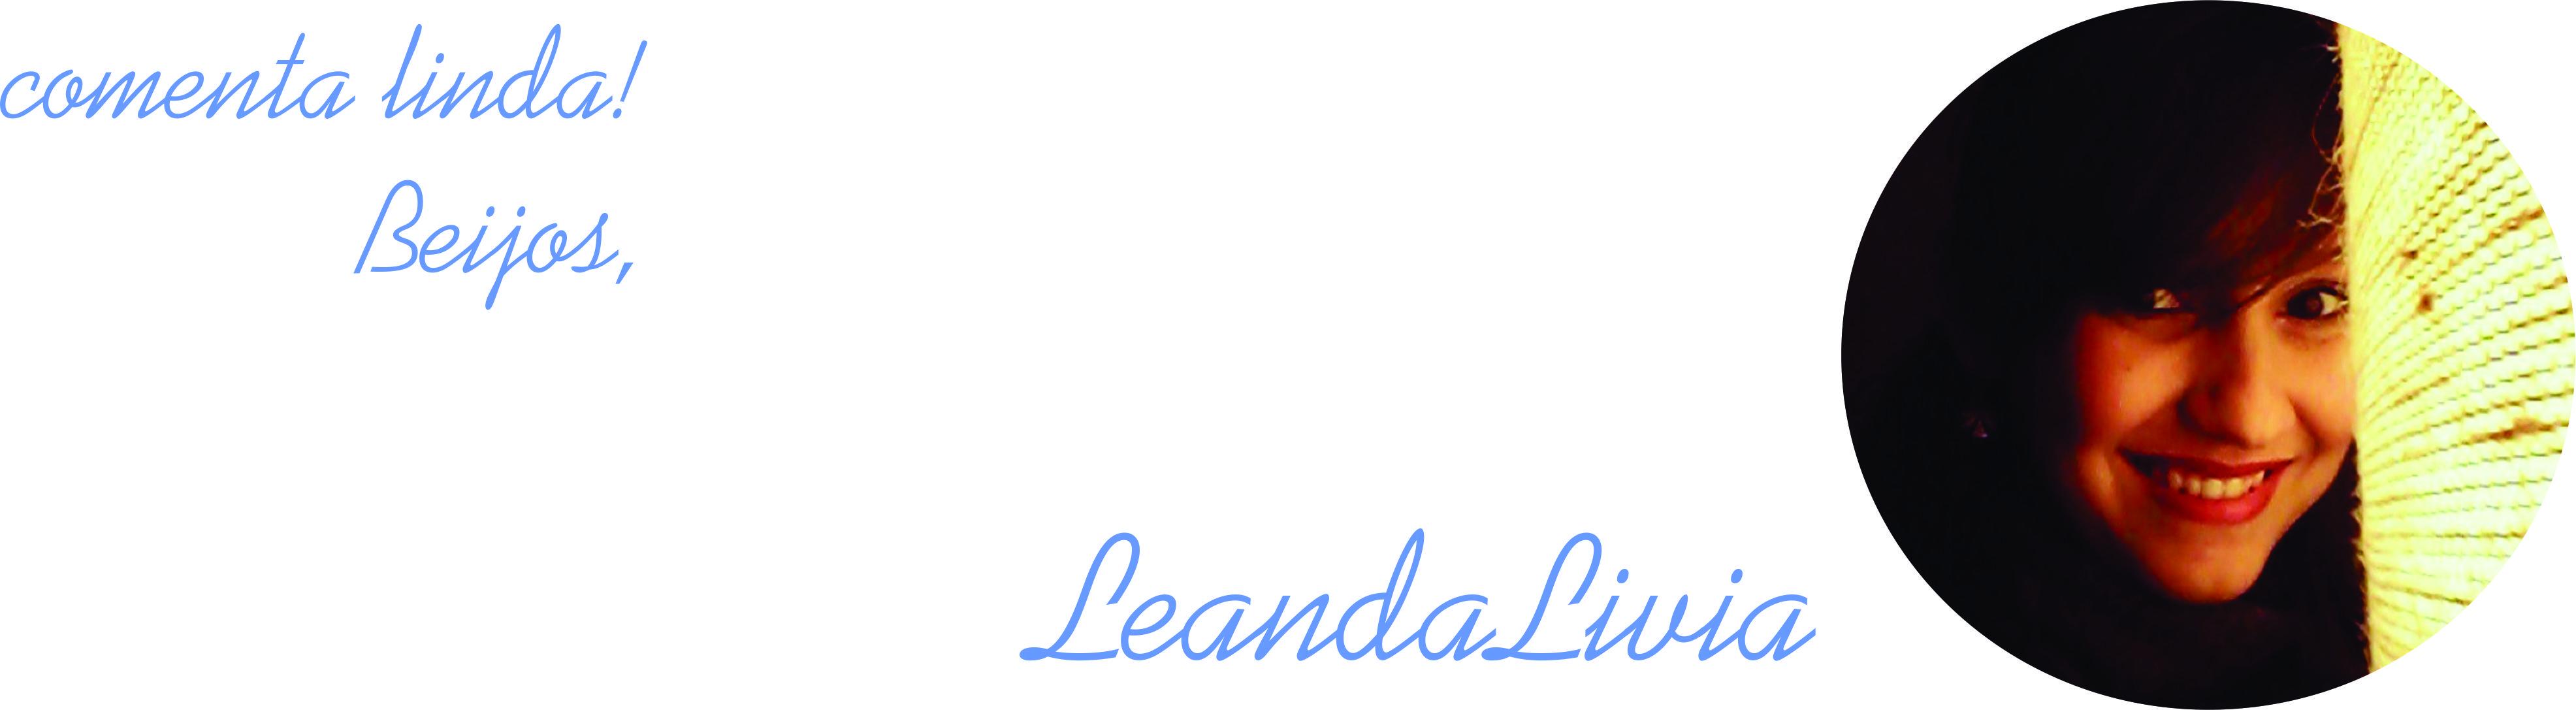 assinatura do blog